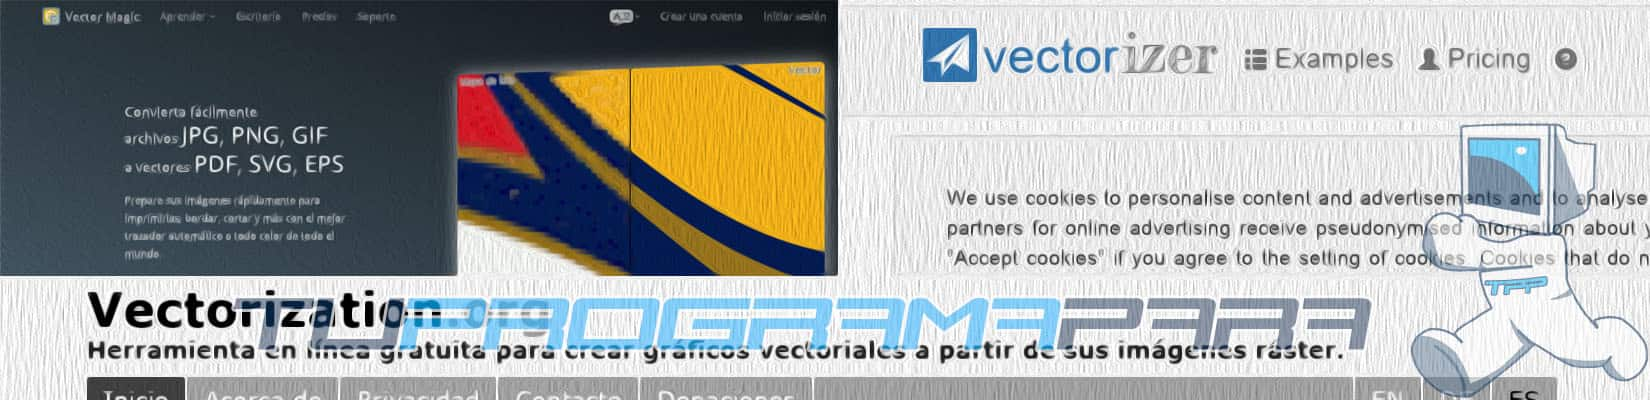 vectorizar imagen online